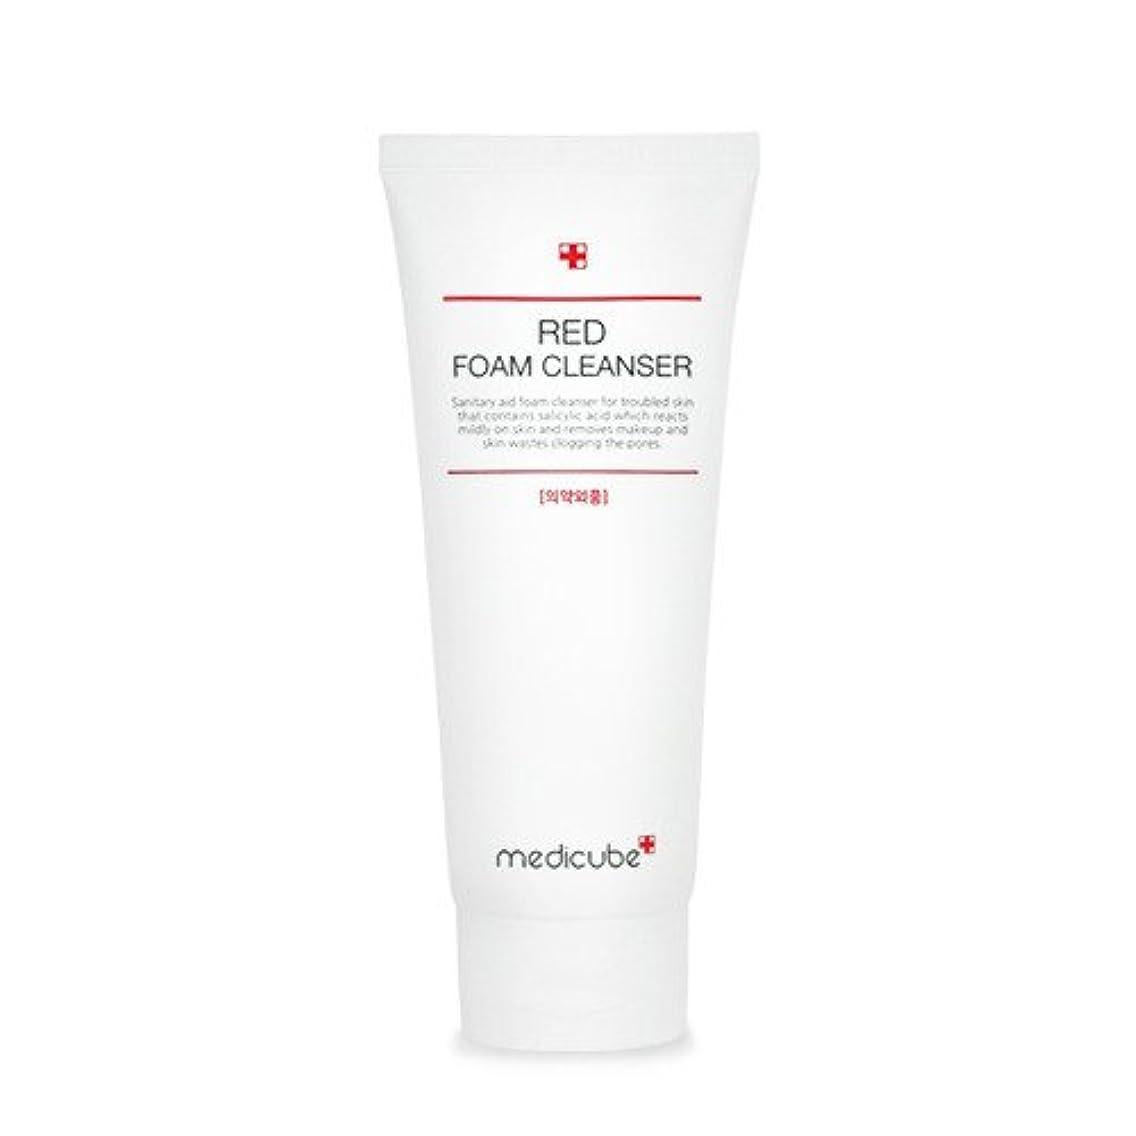 ヒギンズ伝導金銭的な[Medicube]Red Foam Cleanser 120ml / メディキューブレッドクレンジングフォーム / 正品?海外直送商品 [並行輸入品]